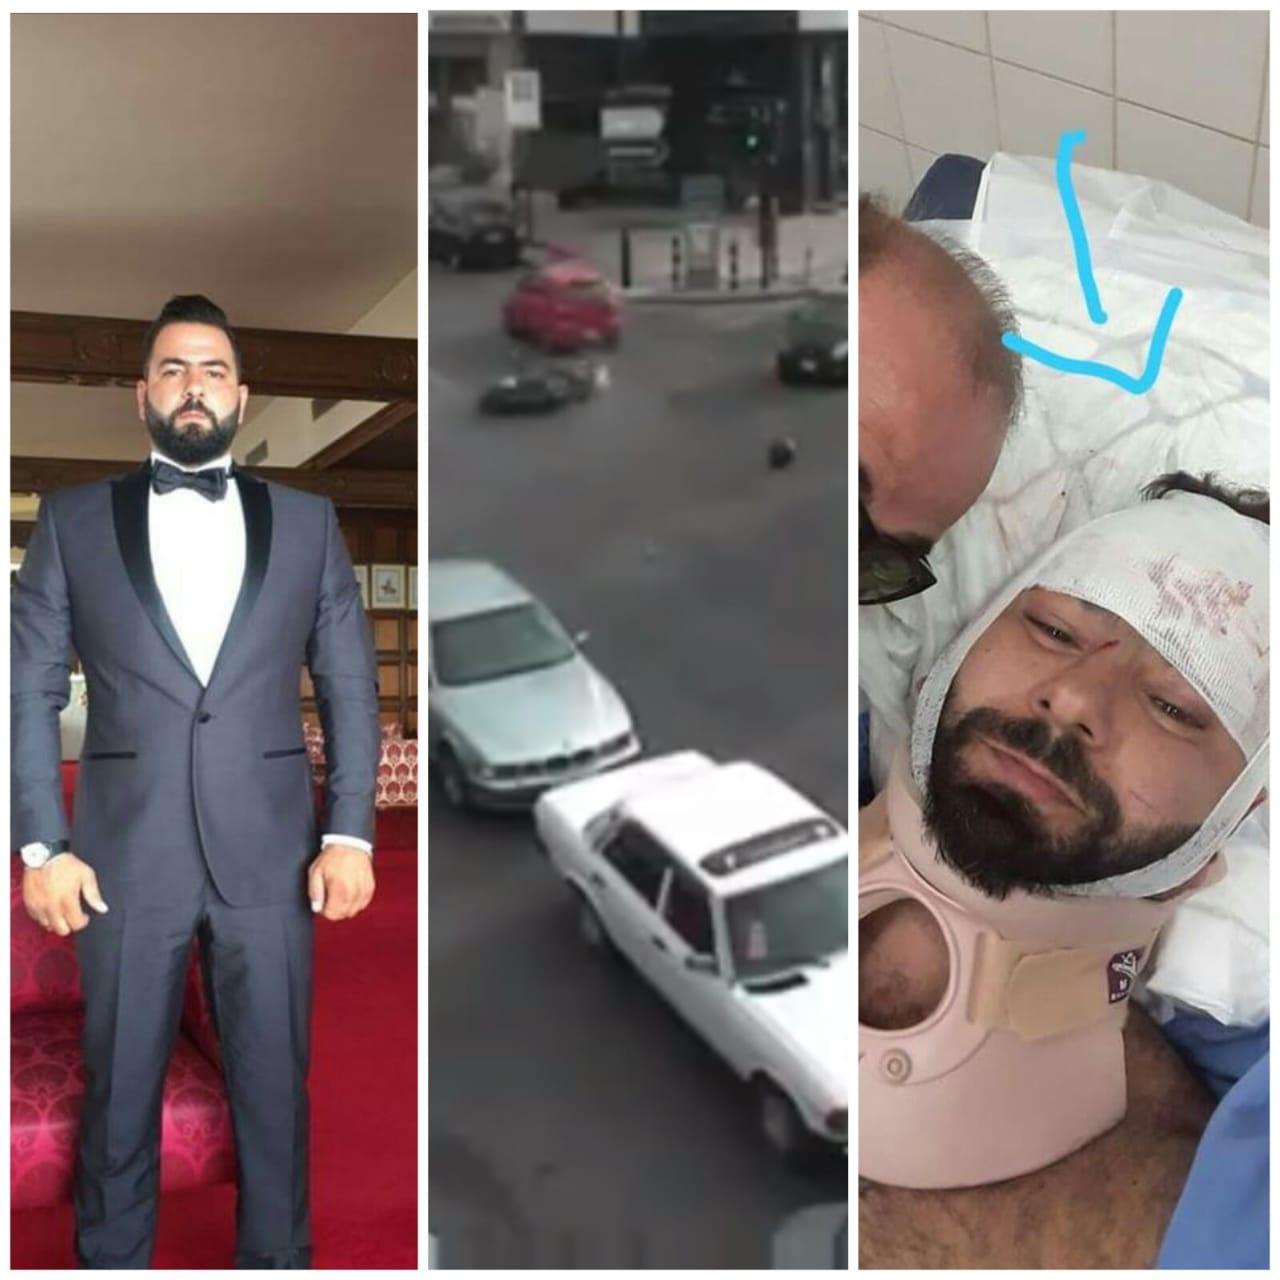 """بالفيديو/ في الأشرفية...صدمه وفر هاربا مما ادى الى اصابة """"ايلي"""" ابن الـ36 عاما بكسور ورضوض"""